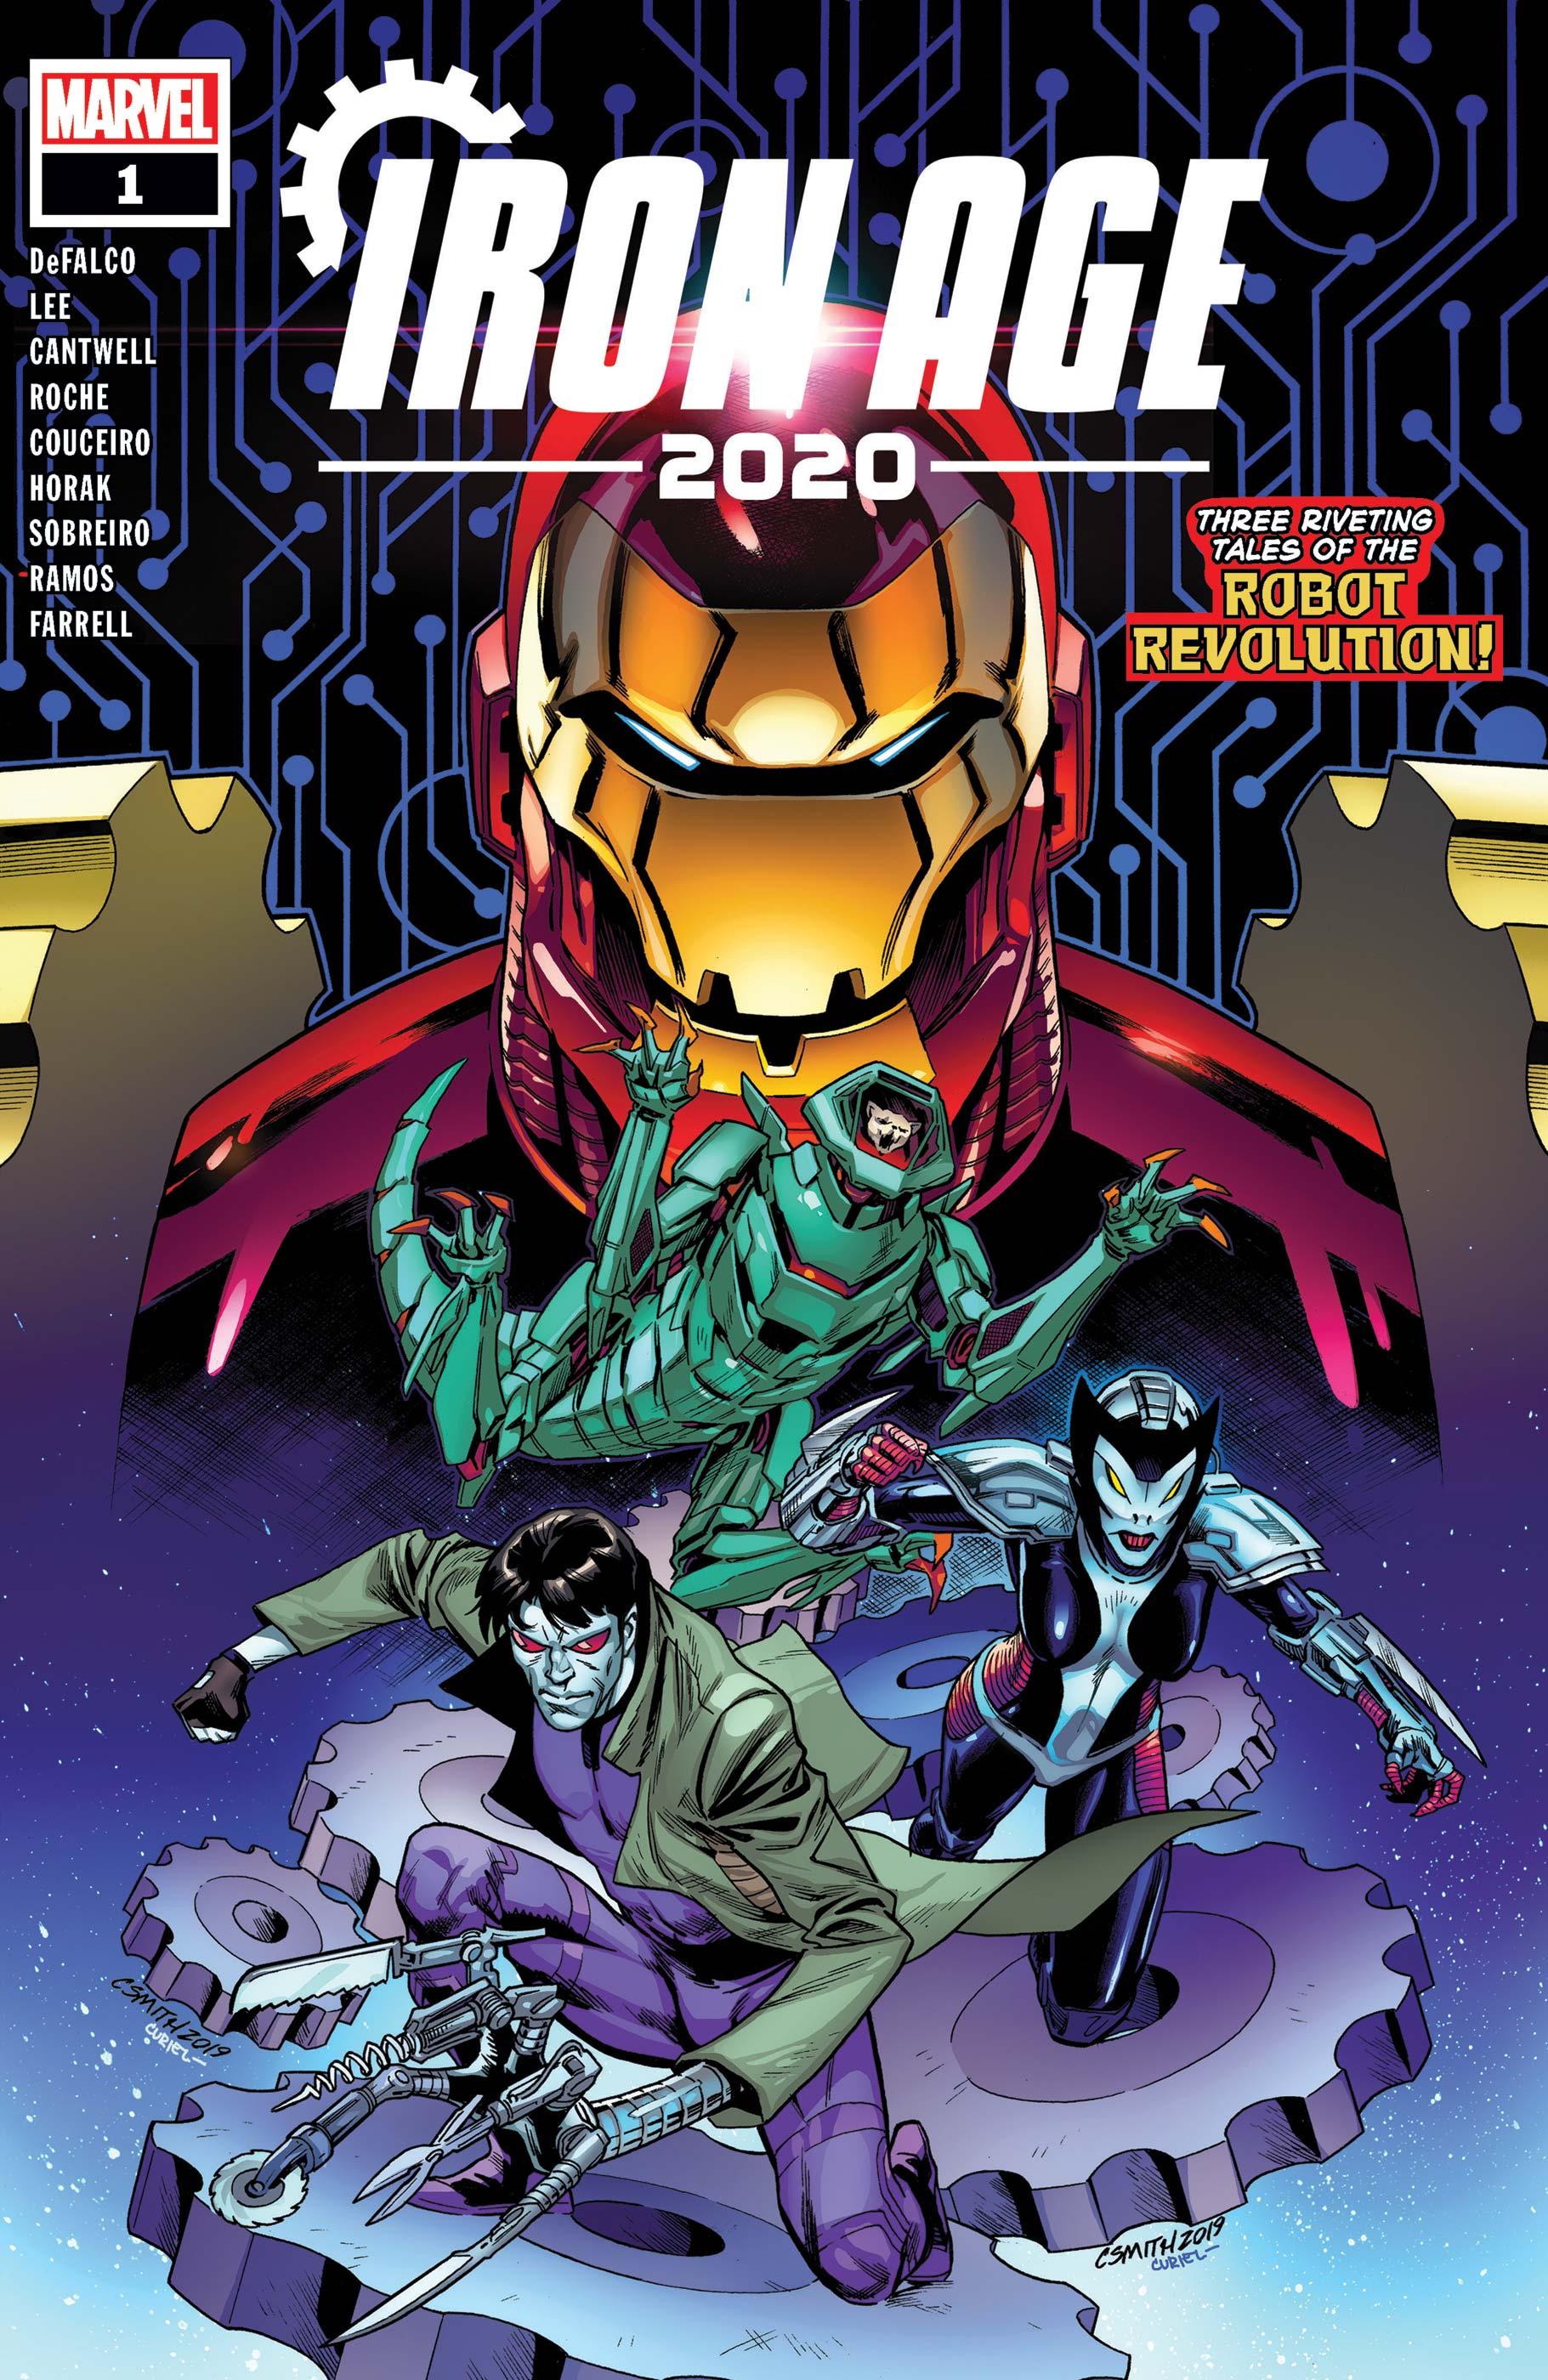 2020 Iron Age (2020) #1